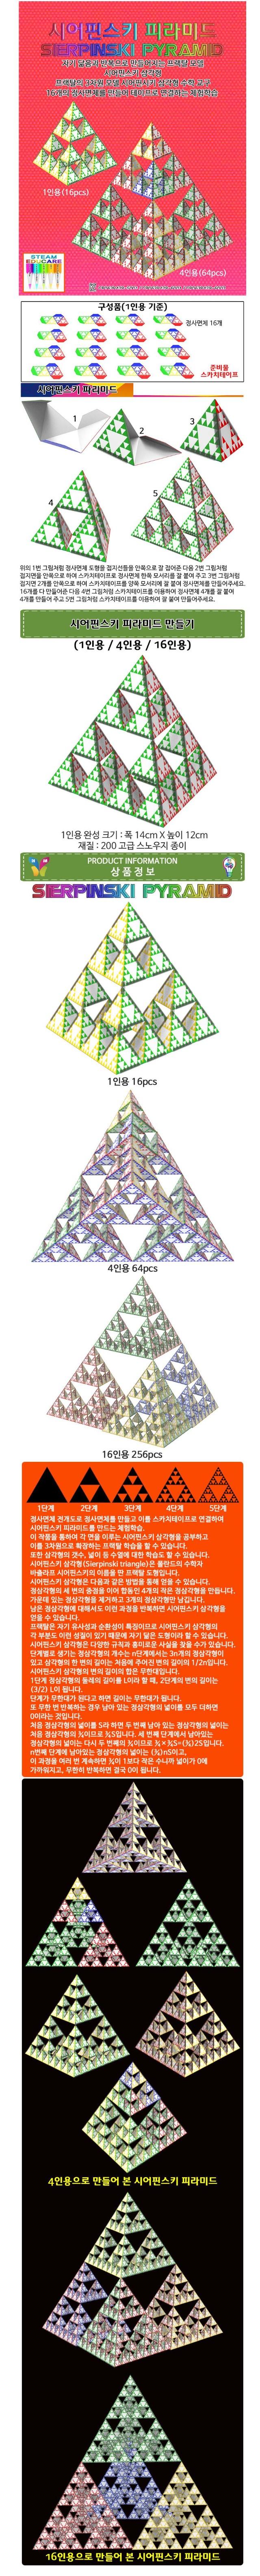 시어핀스키피라미드.JPG